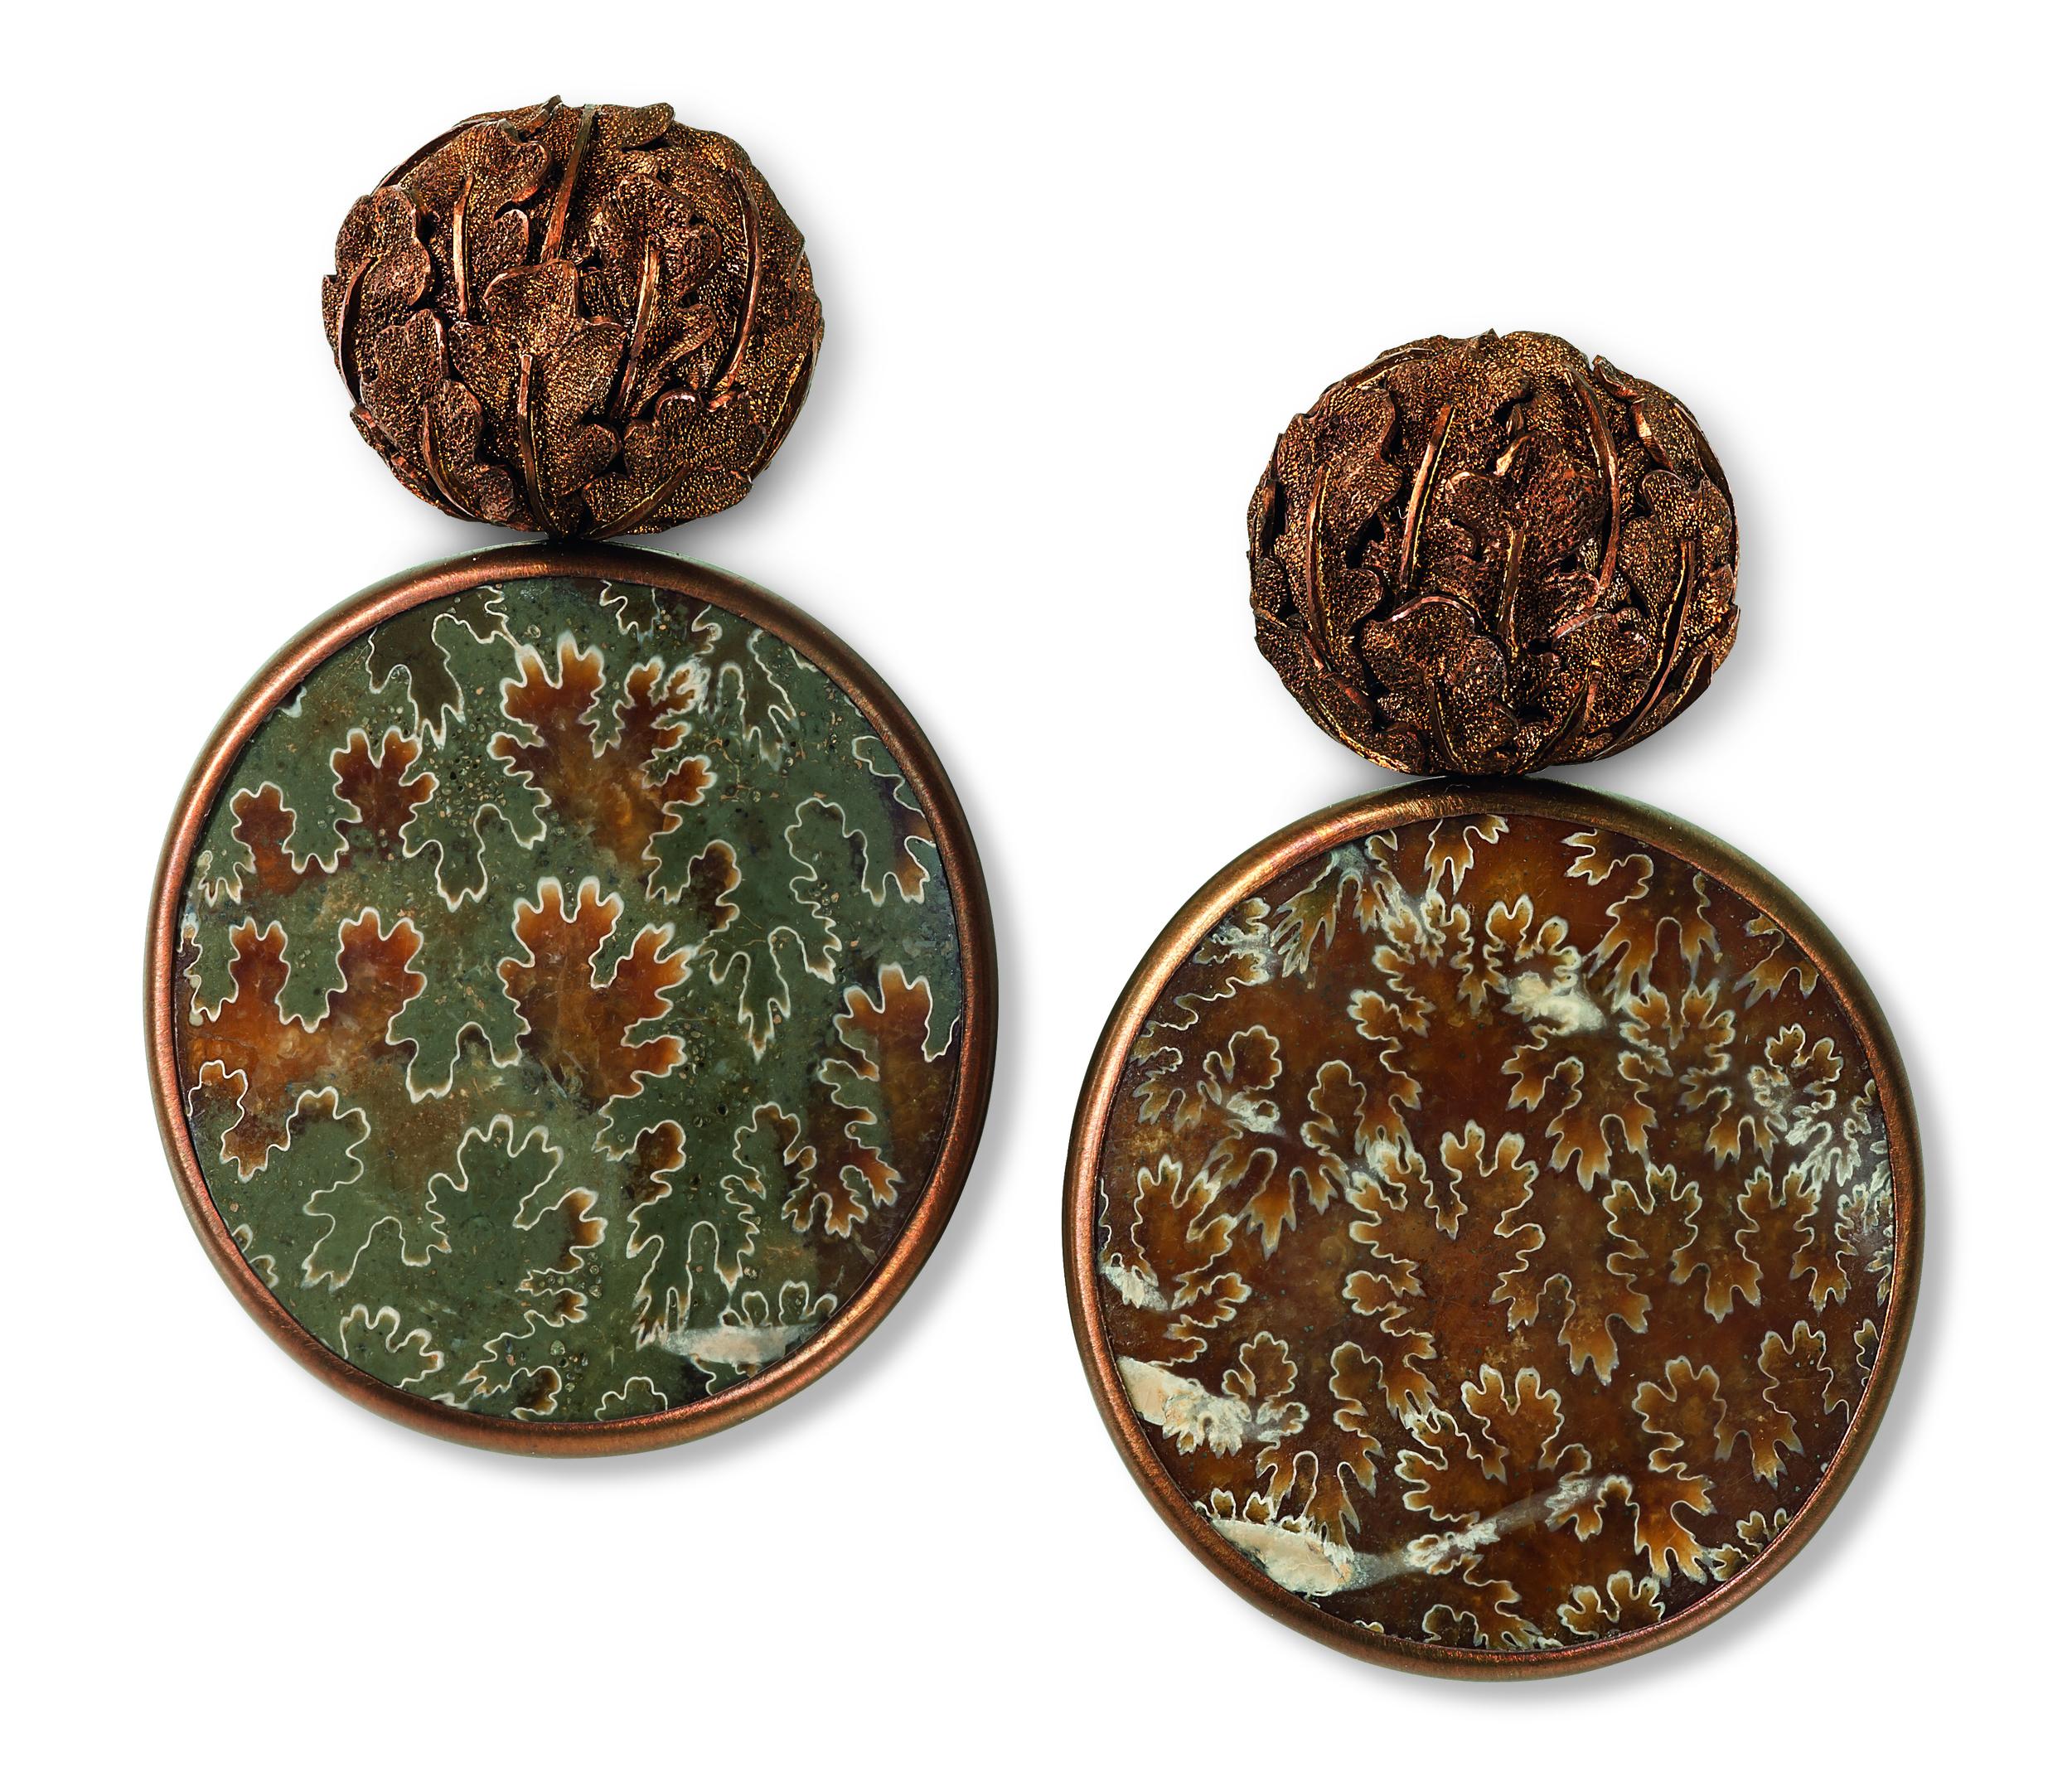 Hemmerle earrings, ammonites, copper, white gold courtesy of Hemmerle